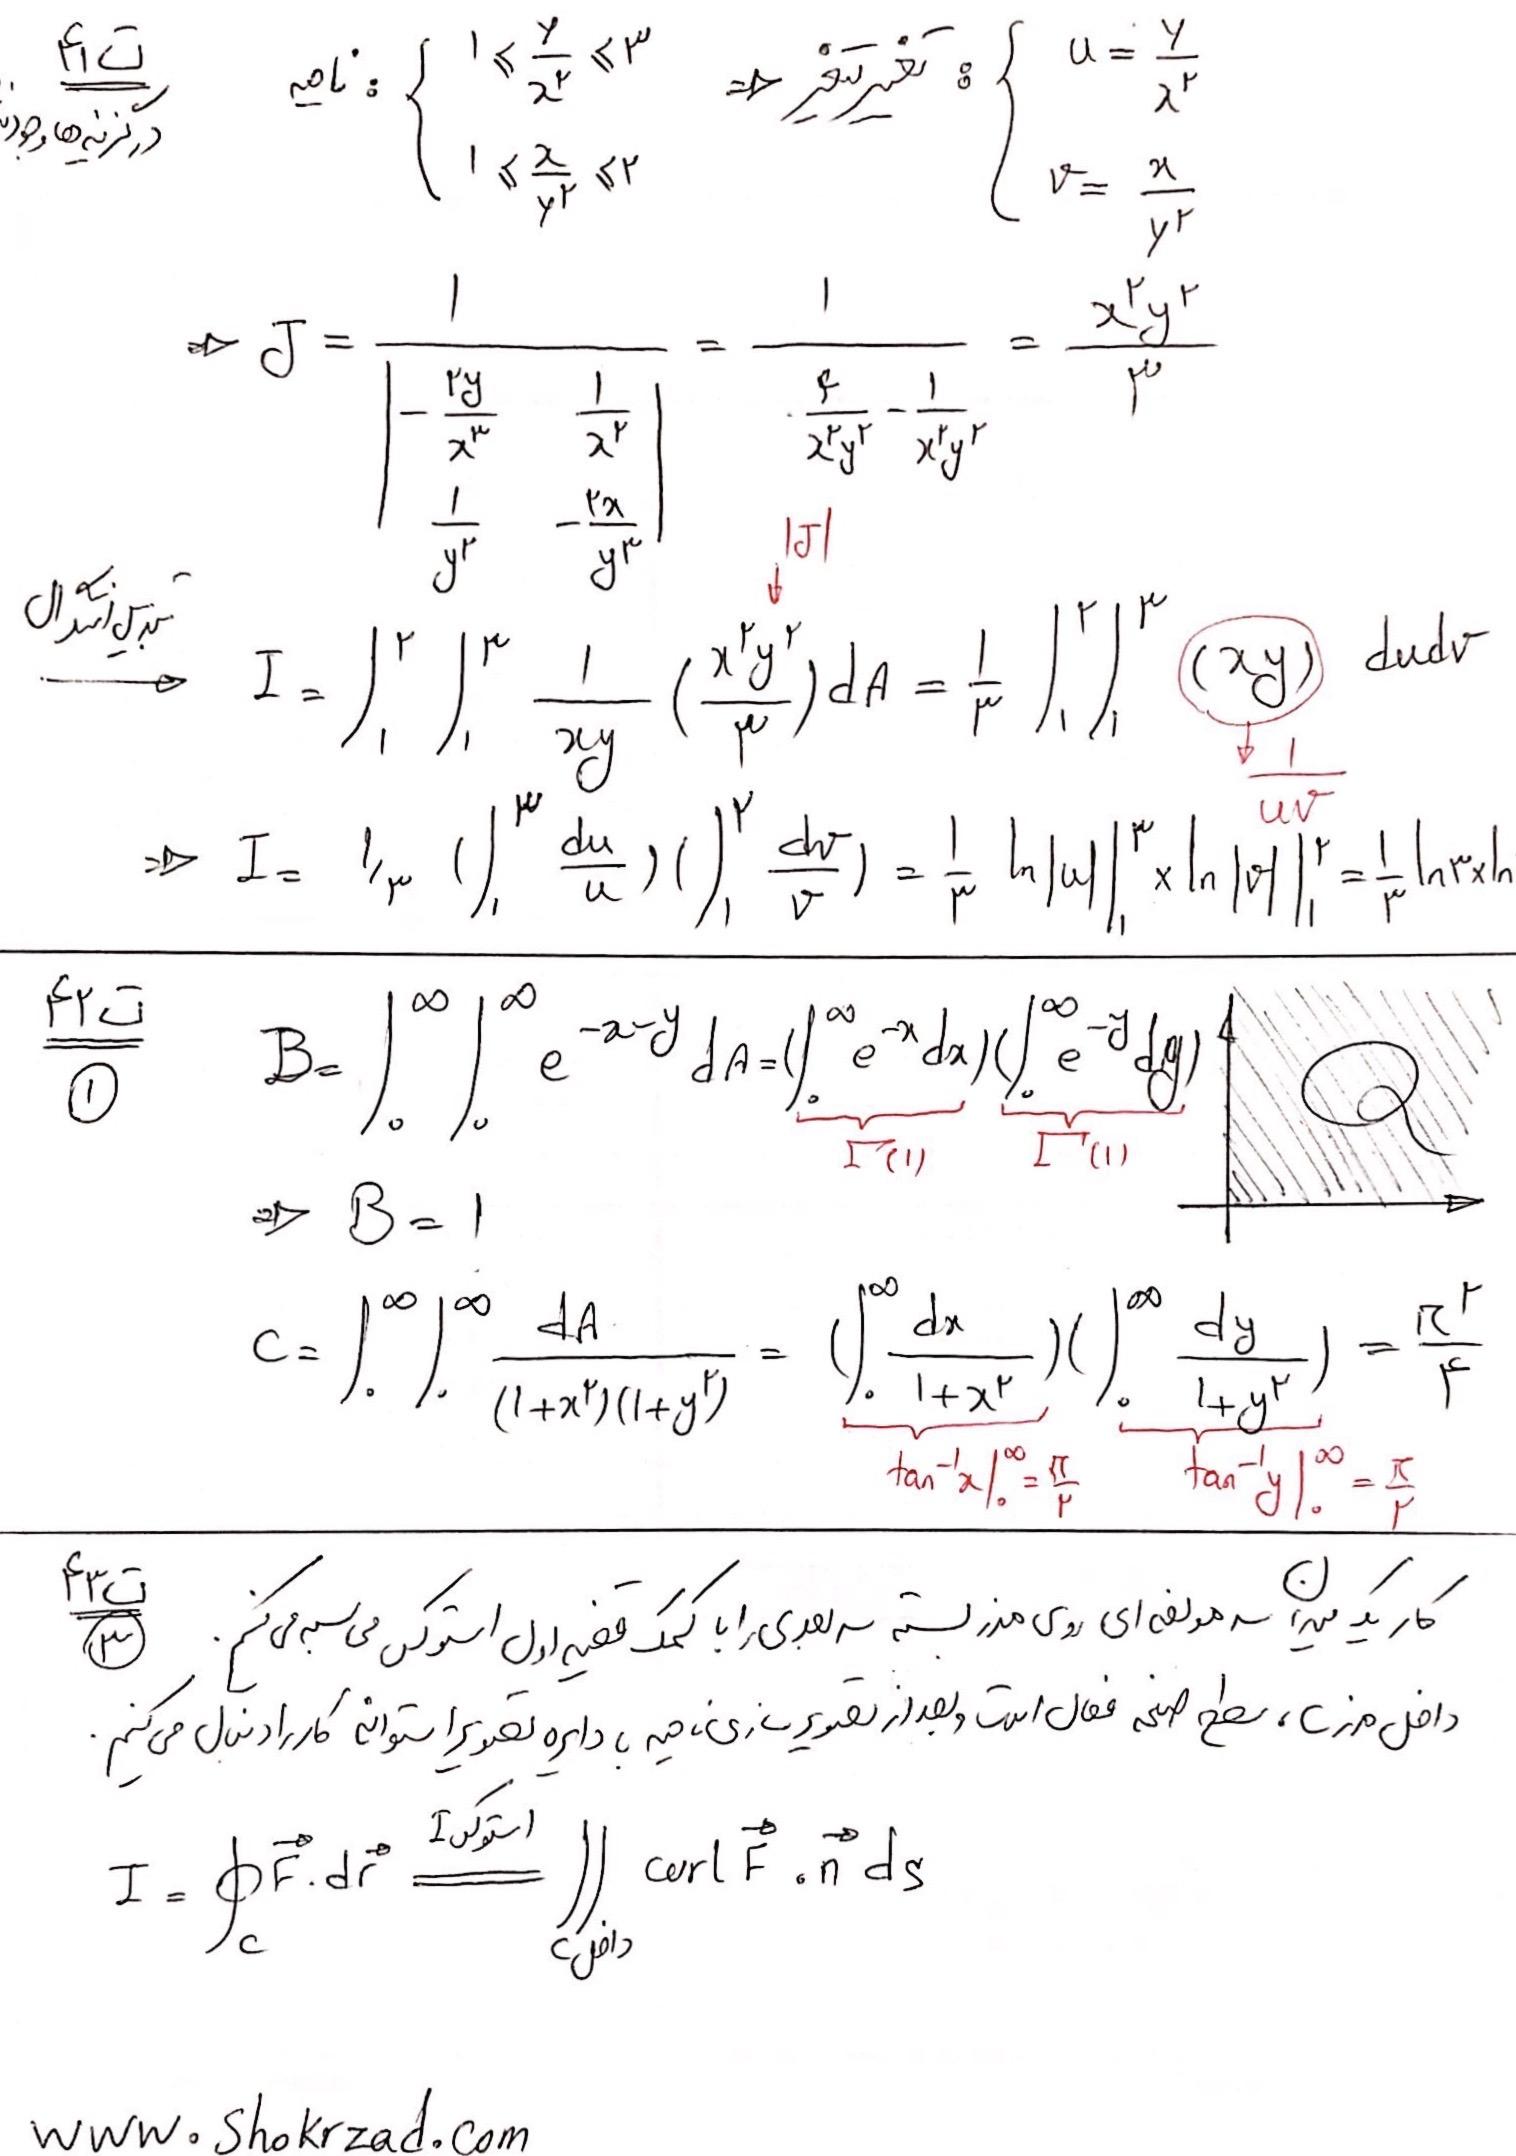 ارشد ریاضی نقشه برداری پاسخنامه تشریحی 95